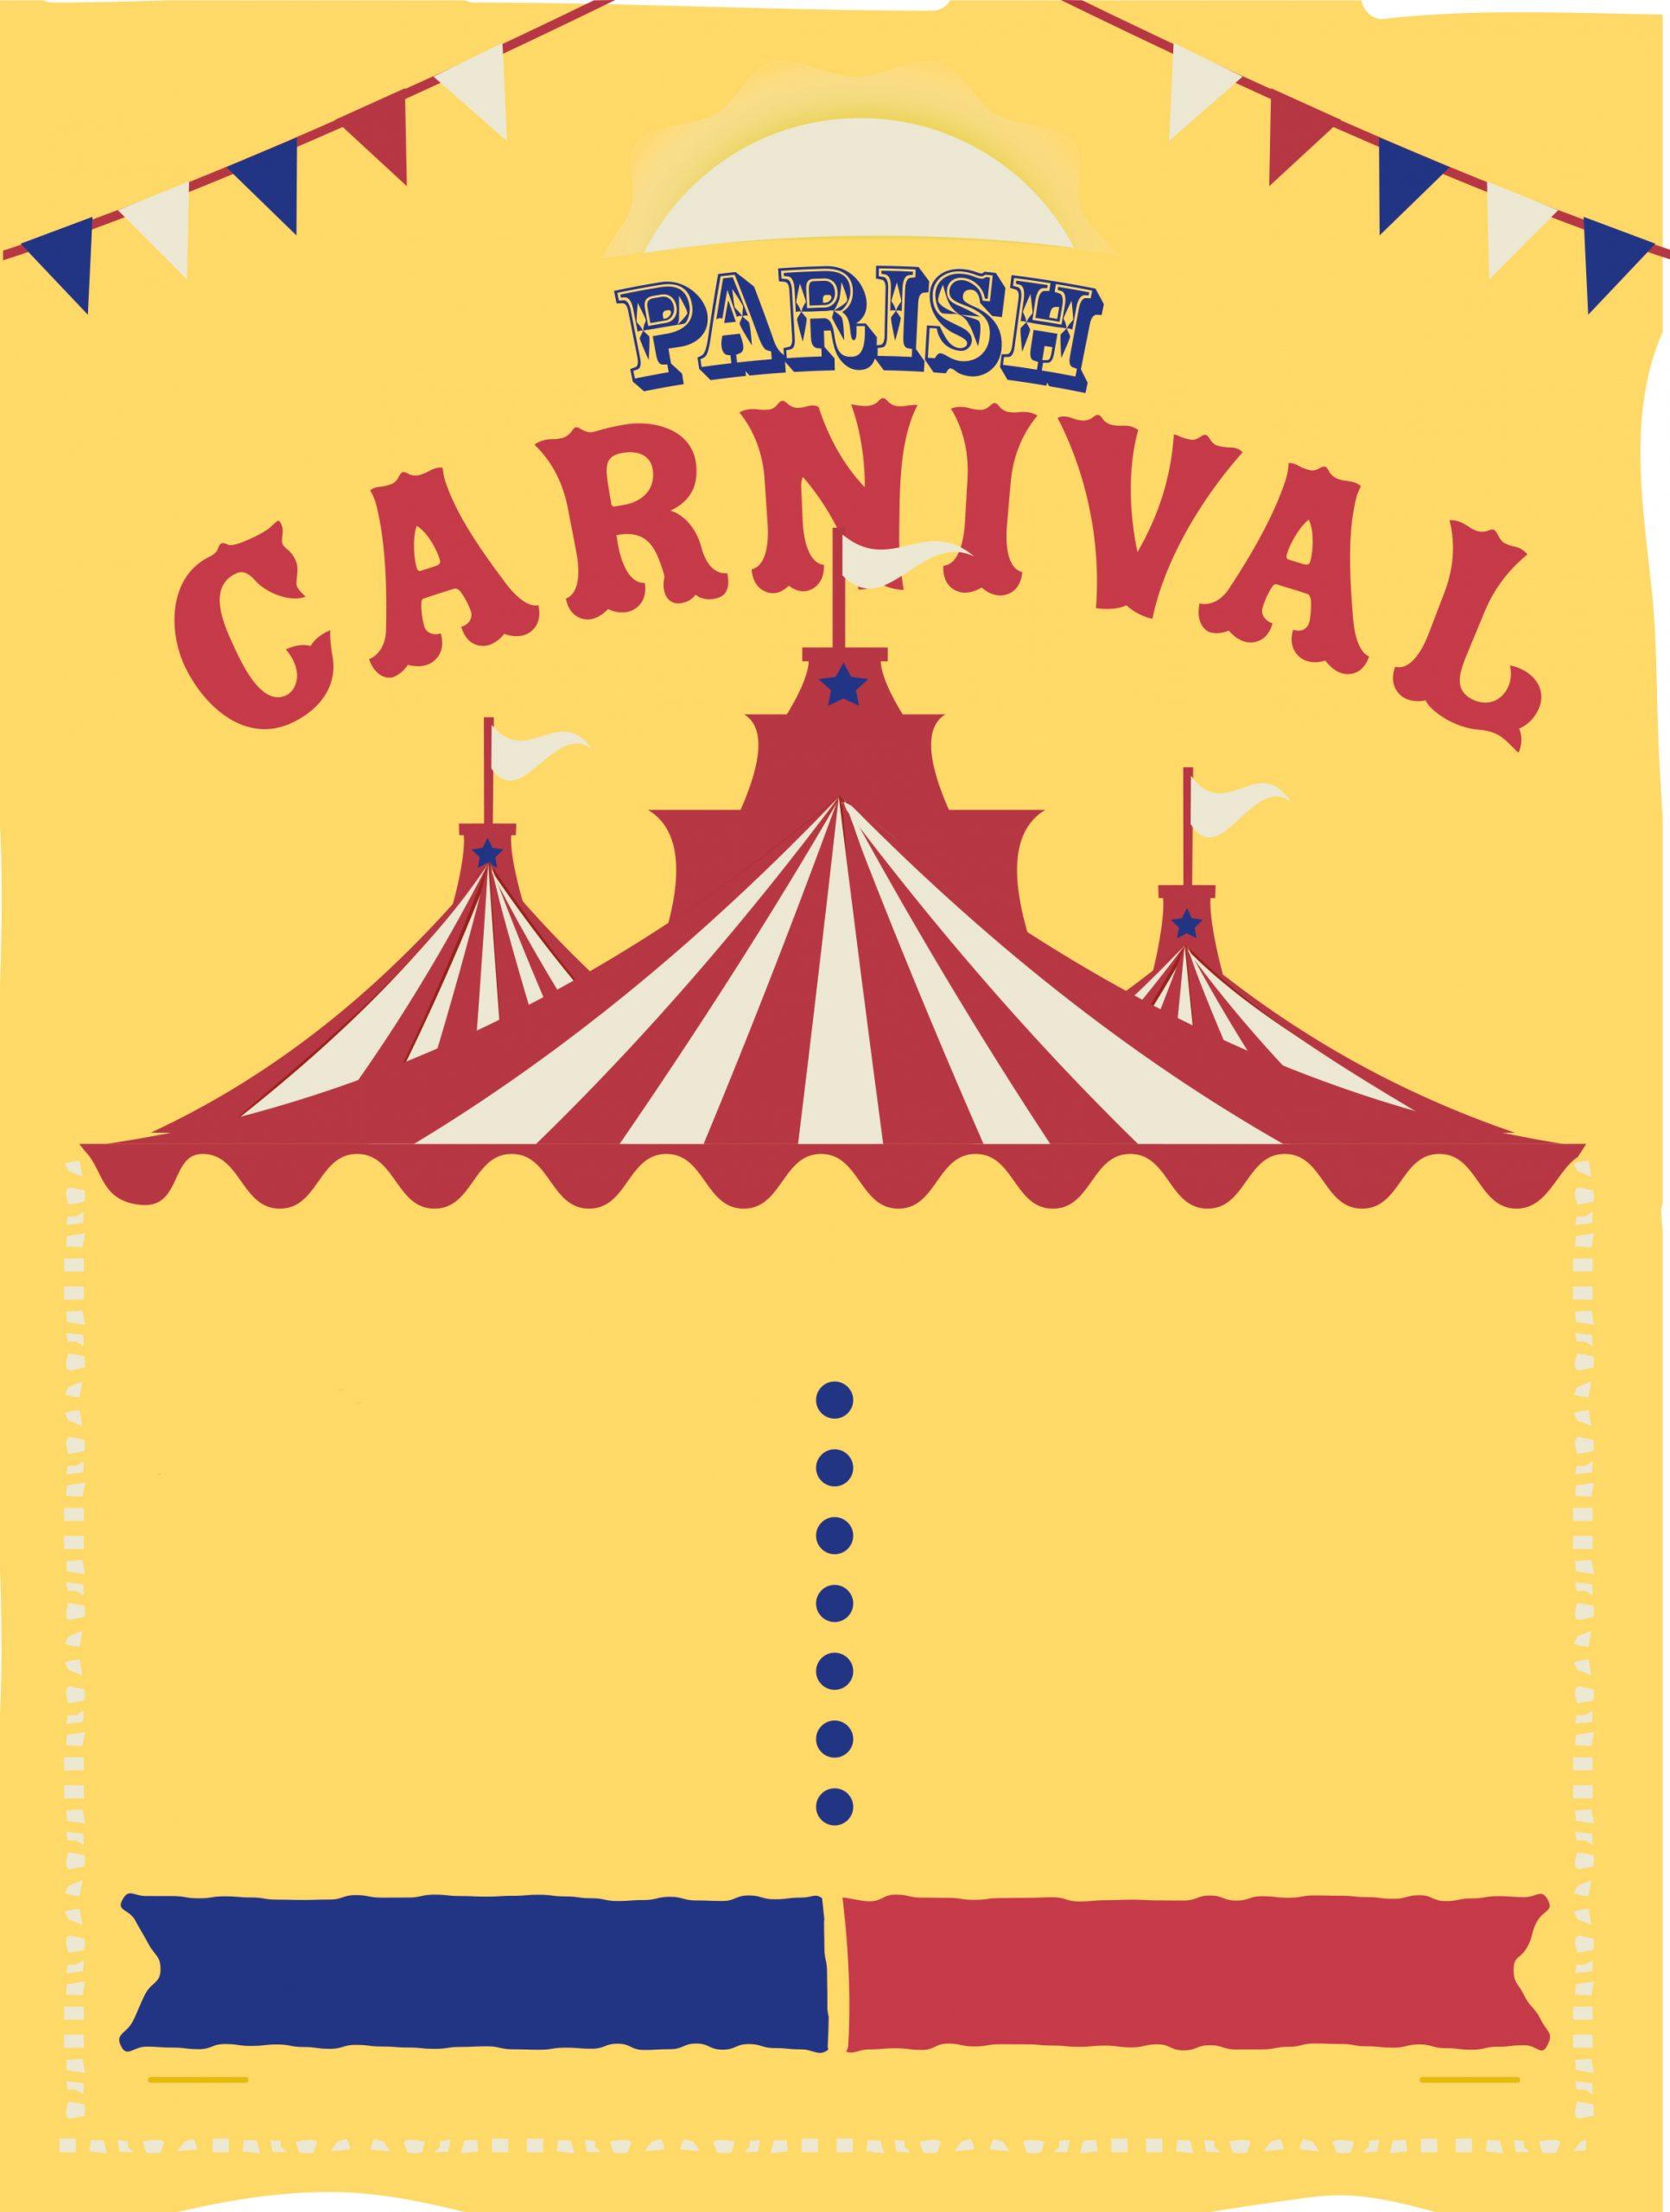 Parish Festival 2021